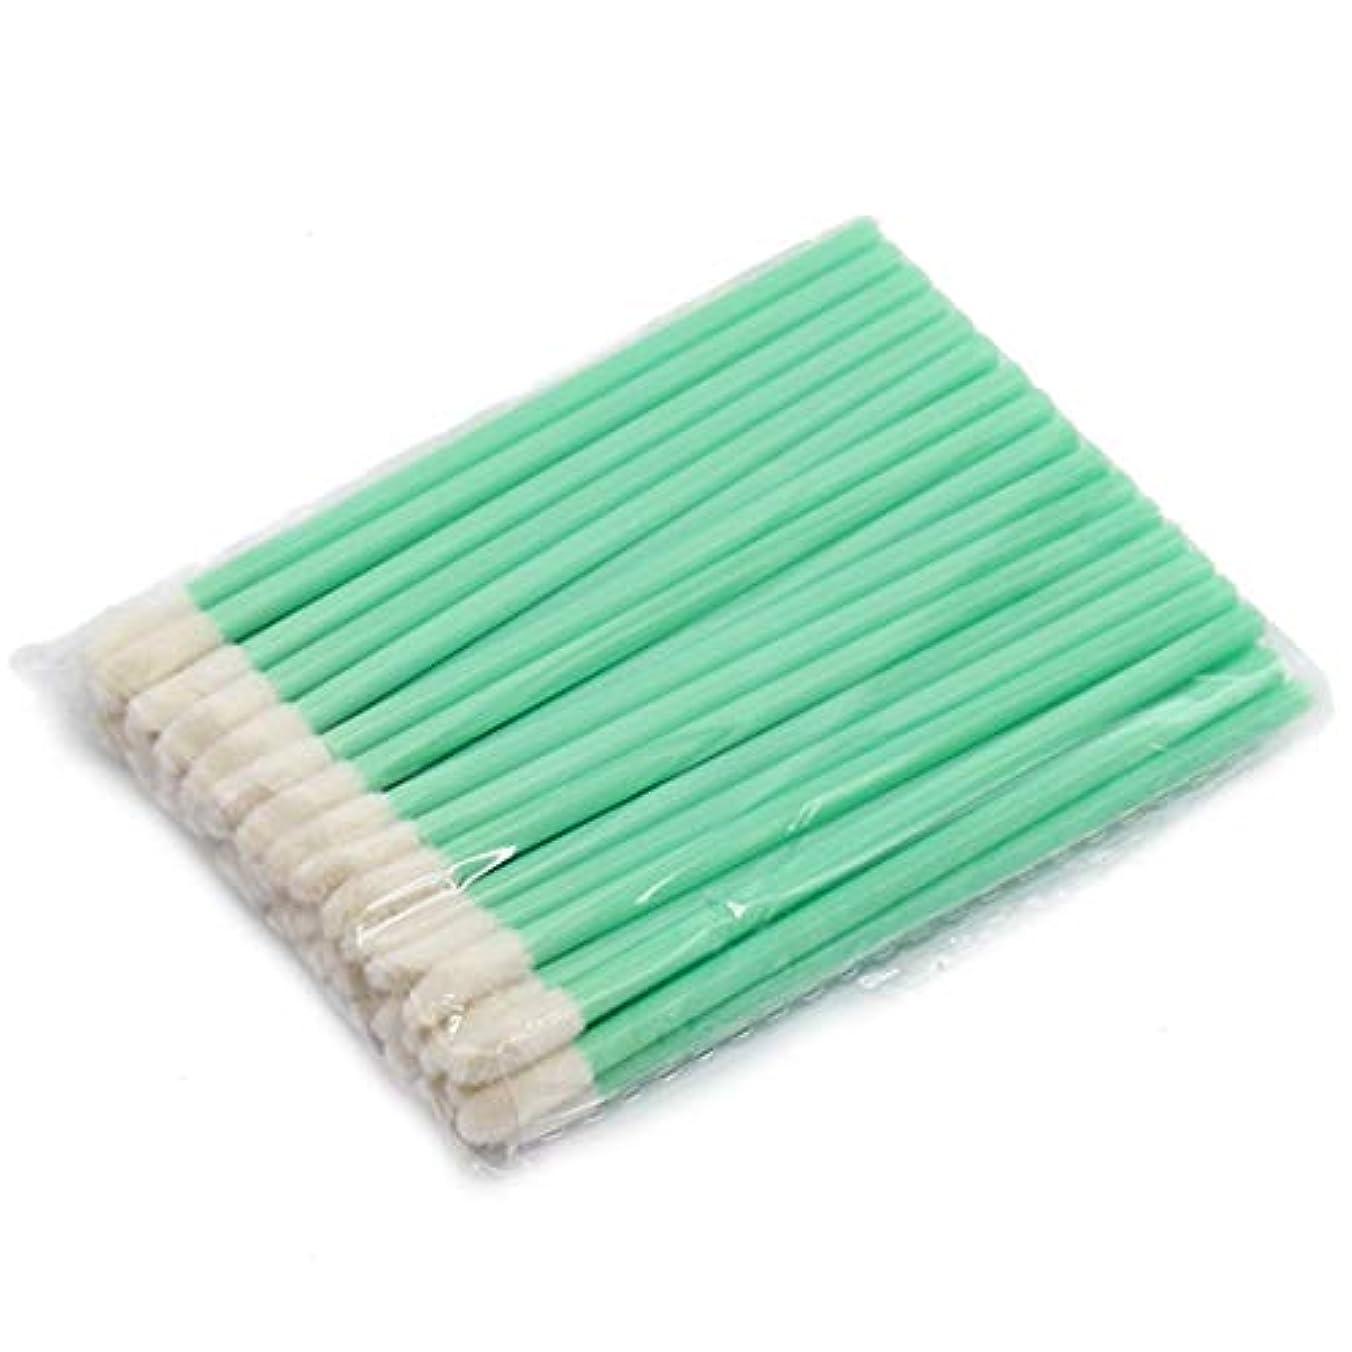 計算可能敷居没頭するMakeup brushes メイクアップ使い捨てリップブラシ口紅グロススティックアプリケーターメイクツールファッションデザイン-グリーン suits (Color : Green)